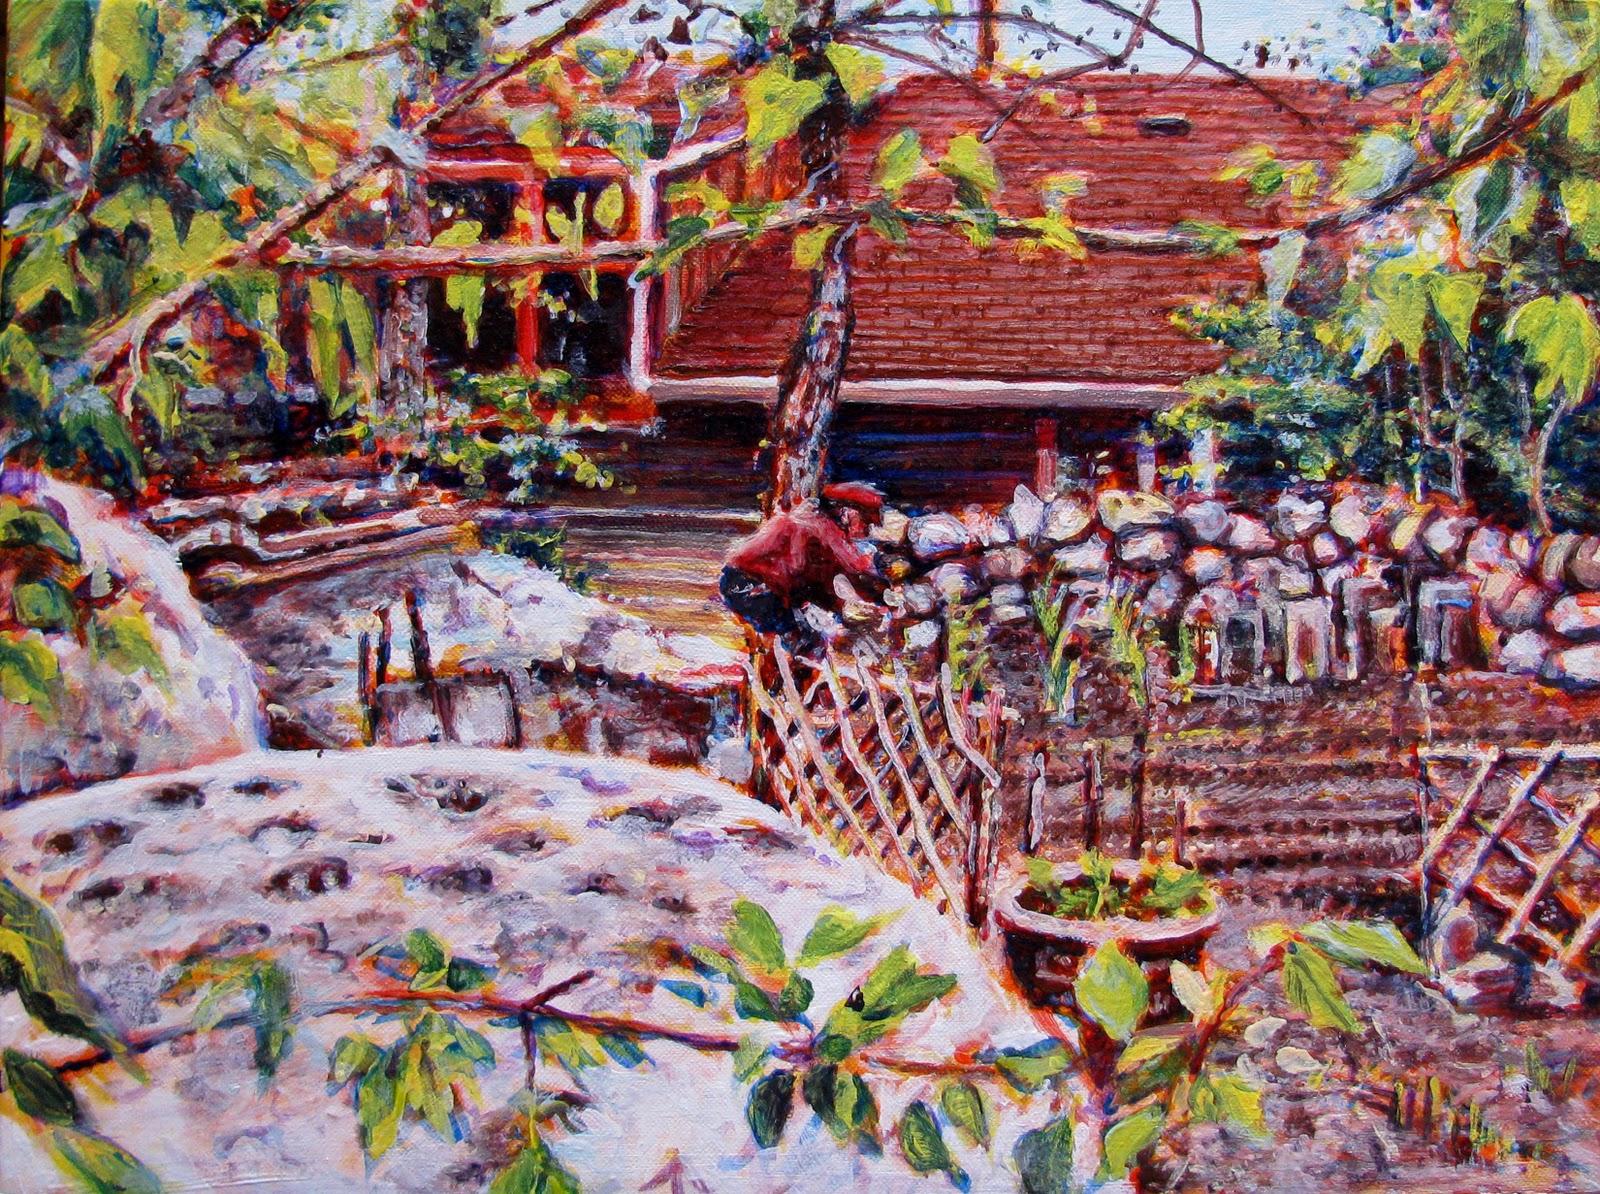 http://1.bp.blogspot.com/-q2Slq78JYvY/TqbMq--IeFI/AAAAAAAAA7o/8MCwqRepx9w/s1600/Garden4.jpg